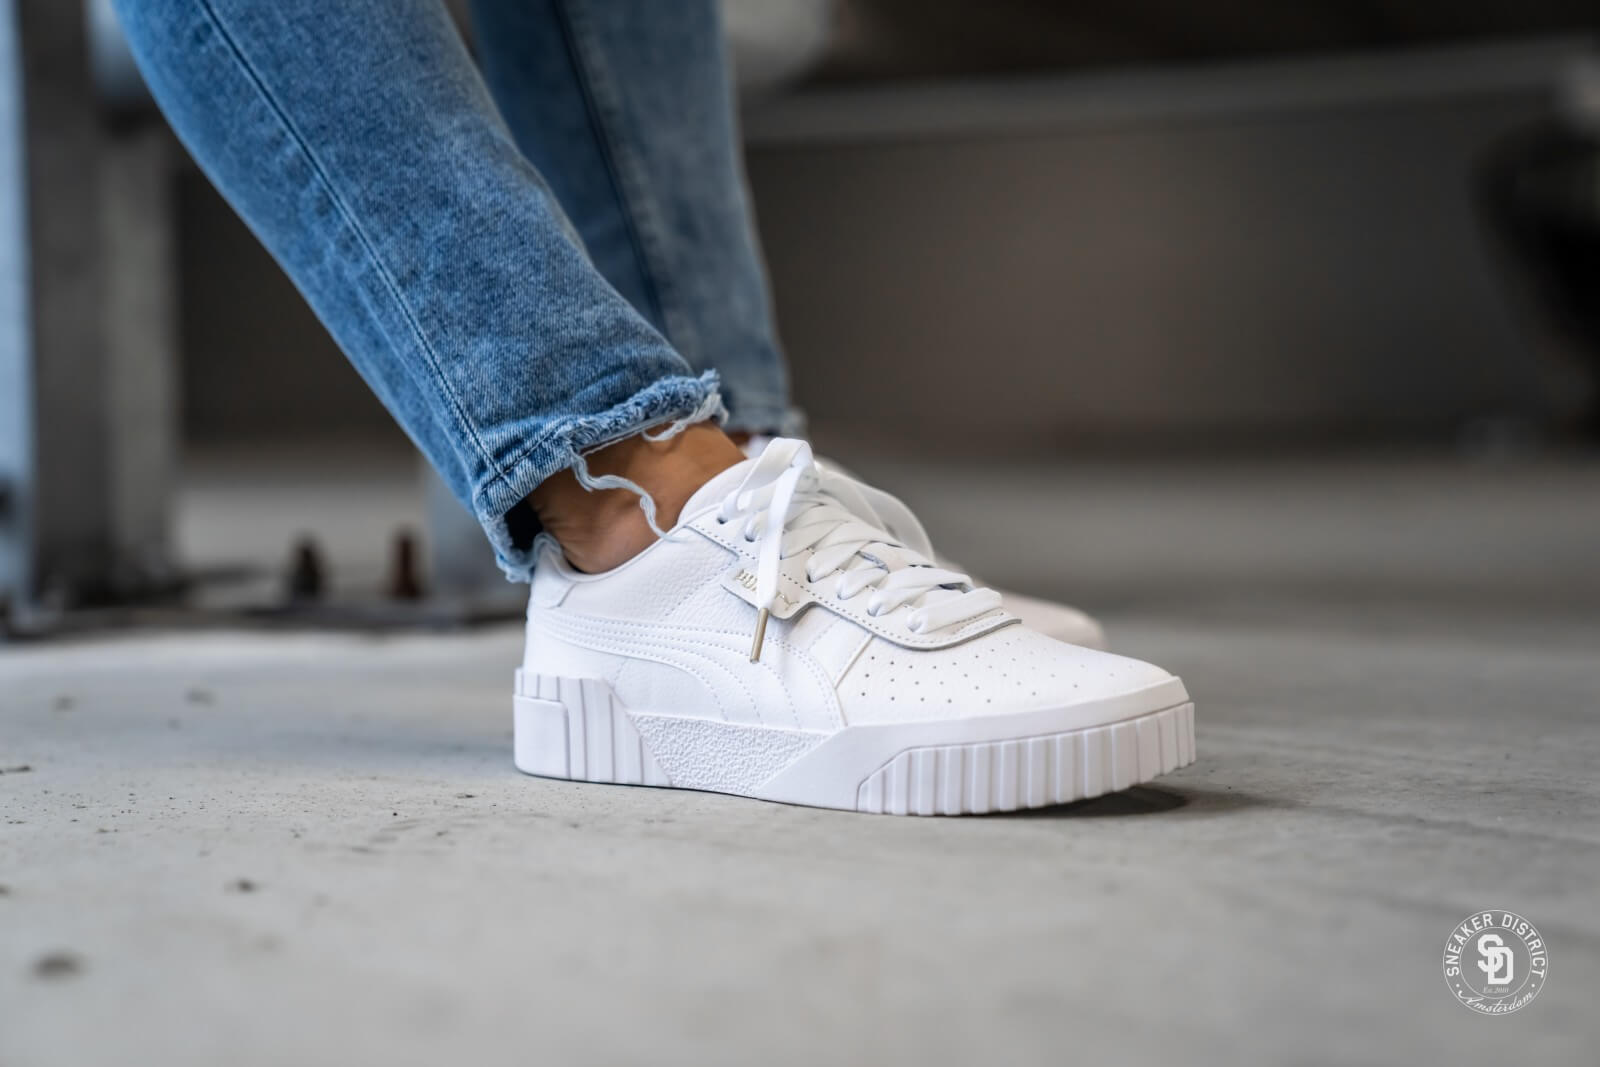 Cali Puma White/Puma White - 369155-01